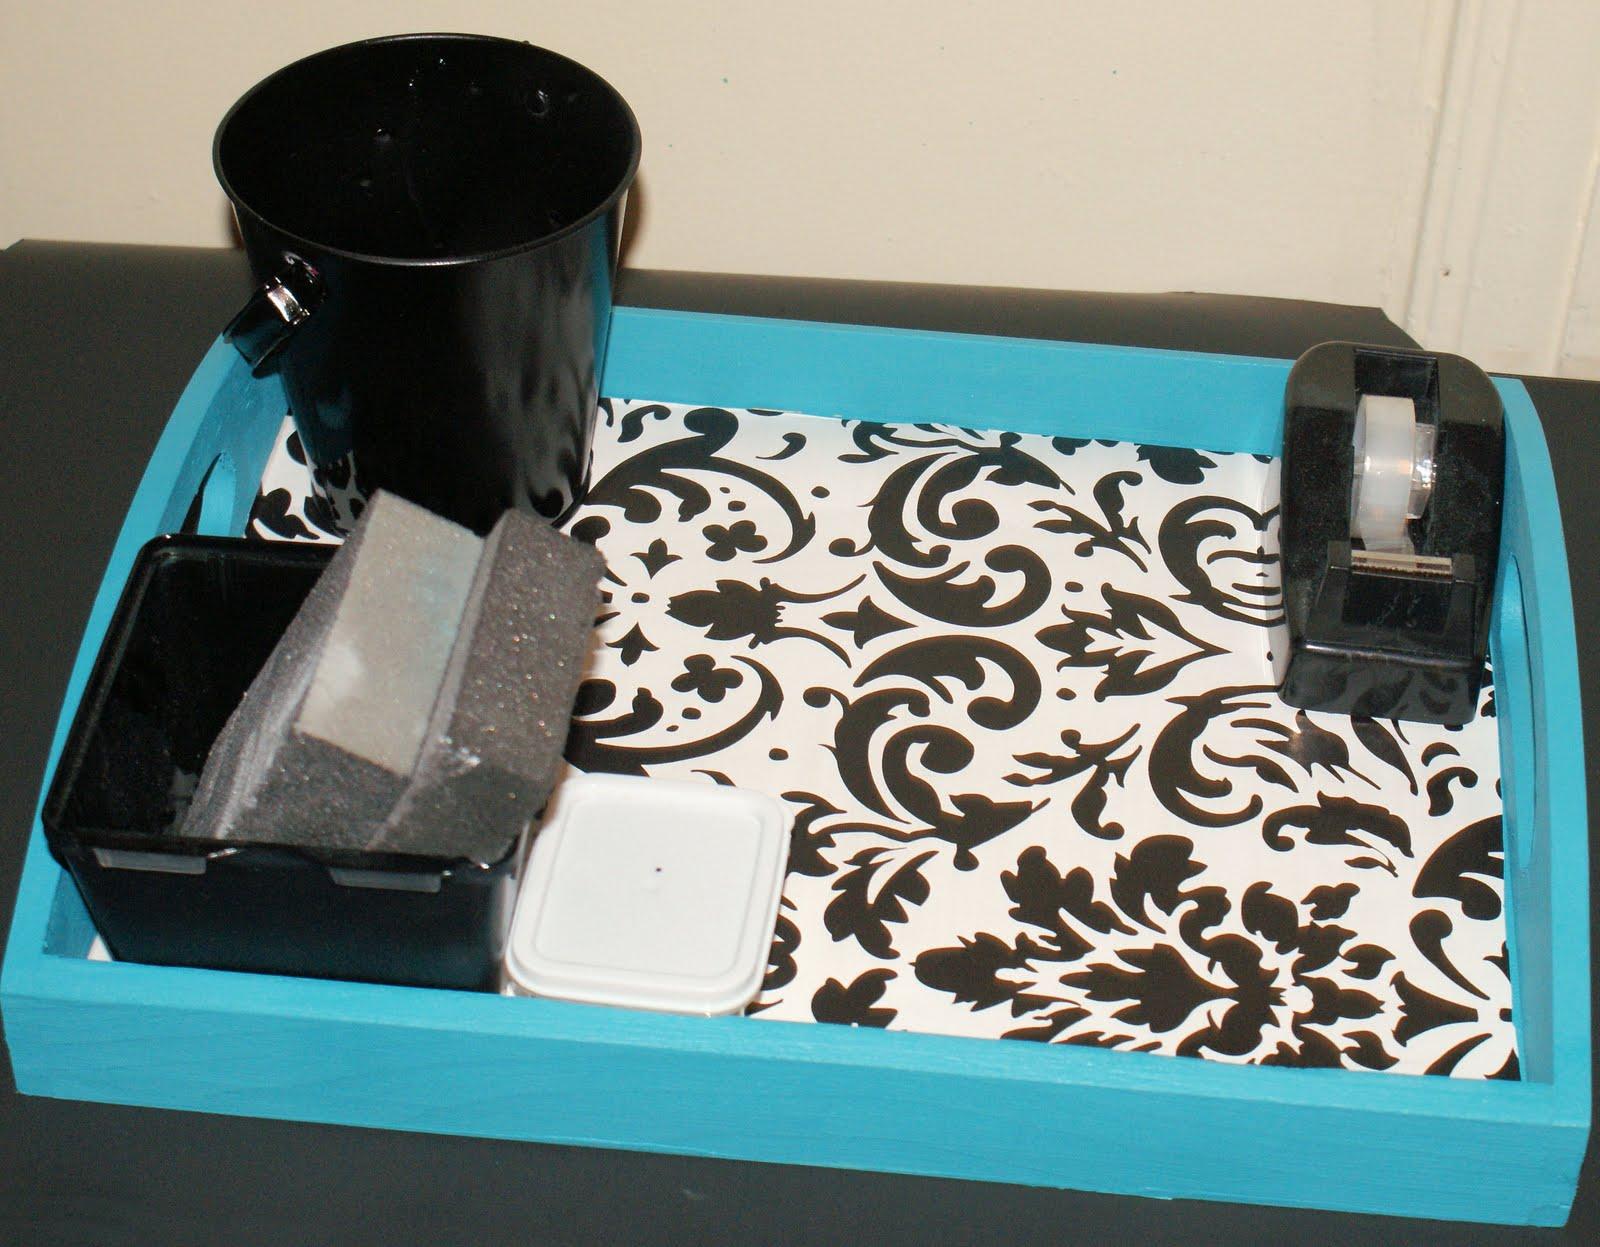 http://2.bp.blogspot.com/-ootuElkTewM/TlnjMatNWrI/AAAAAAAASks/ohd_qlw6vjA/s1600/stenciled+tray.jpg